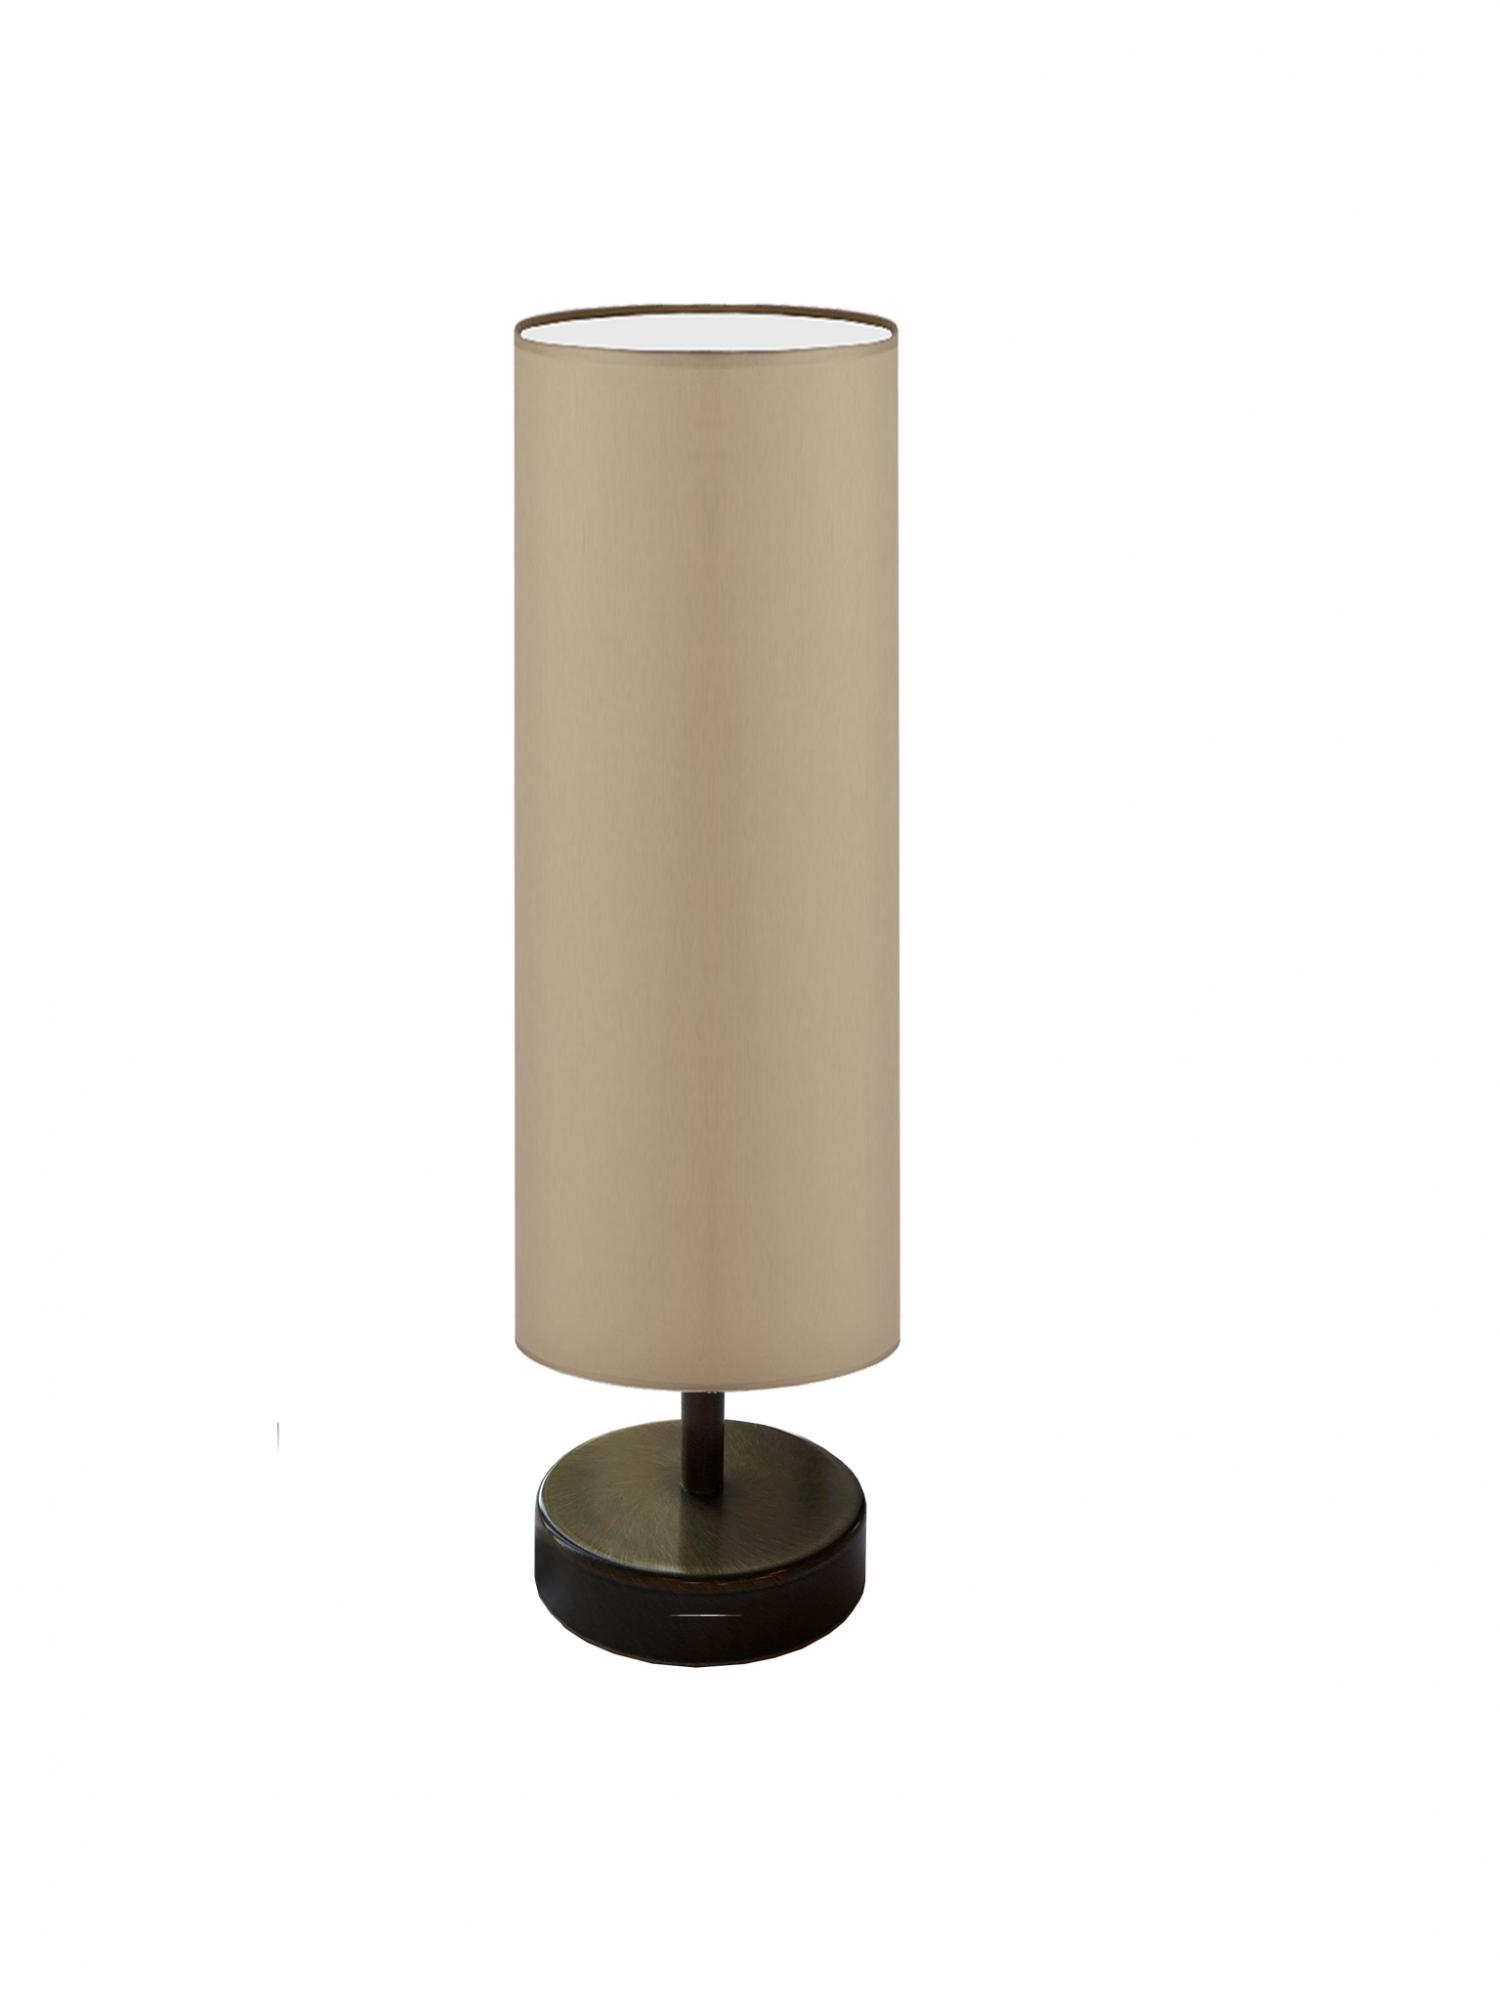 Lampa nocna BELL tuba 10 kolorów! Częstochowa - zdjęcie 1